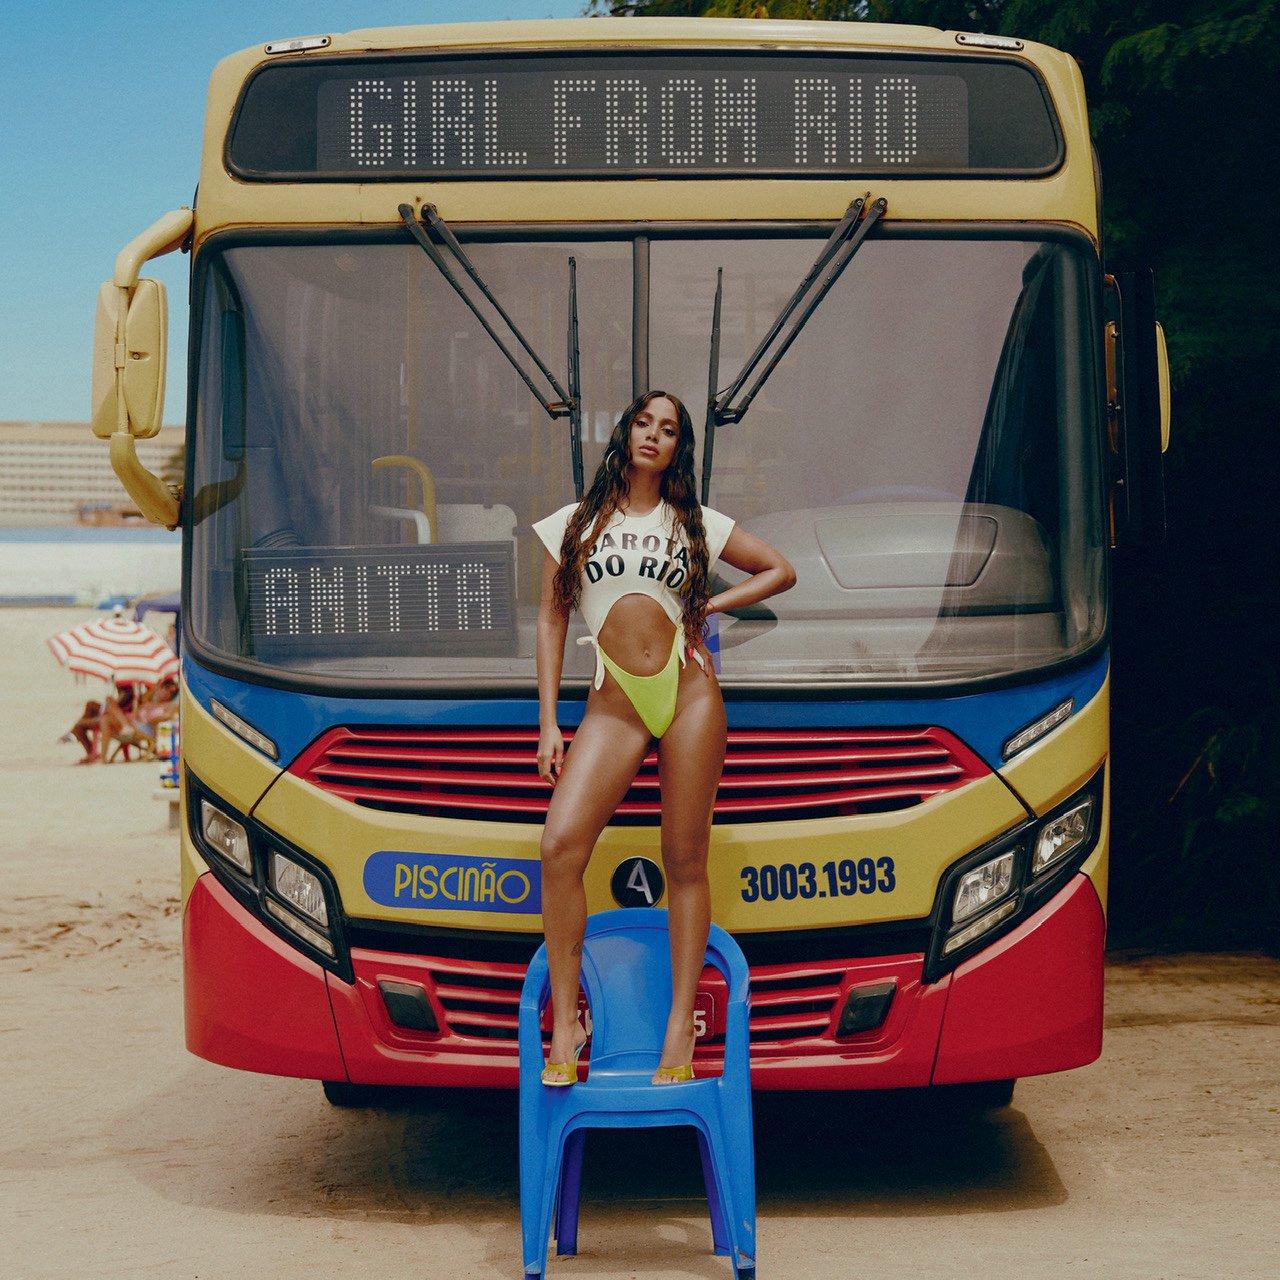 Capa do single Girl From Rio de Anitta. A cantora está em cima de uma cadeira azul de praia, vestindo um maiô verde fluorescente e um top branco escrito GAROTA DO RIO. Ela apoia o braço esquerdo na cintura. Atrás dela, podemos ver a frente de um ônibus amarelo, azul e vermelho, com o letreiro digital escrito GIRL FROM RIO. No letreiro do vidro, está escrito ANITTA. A cantora e o ônibus estão na areia do Piscinão de Ramos, no Rio de Janeiro.